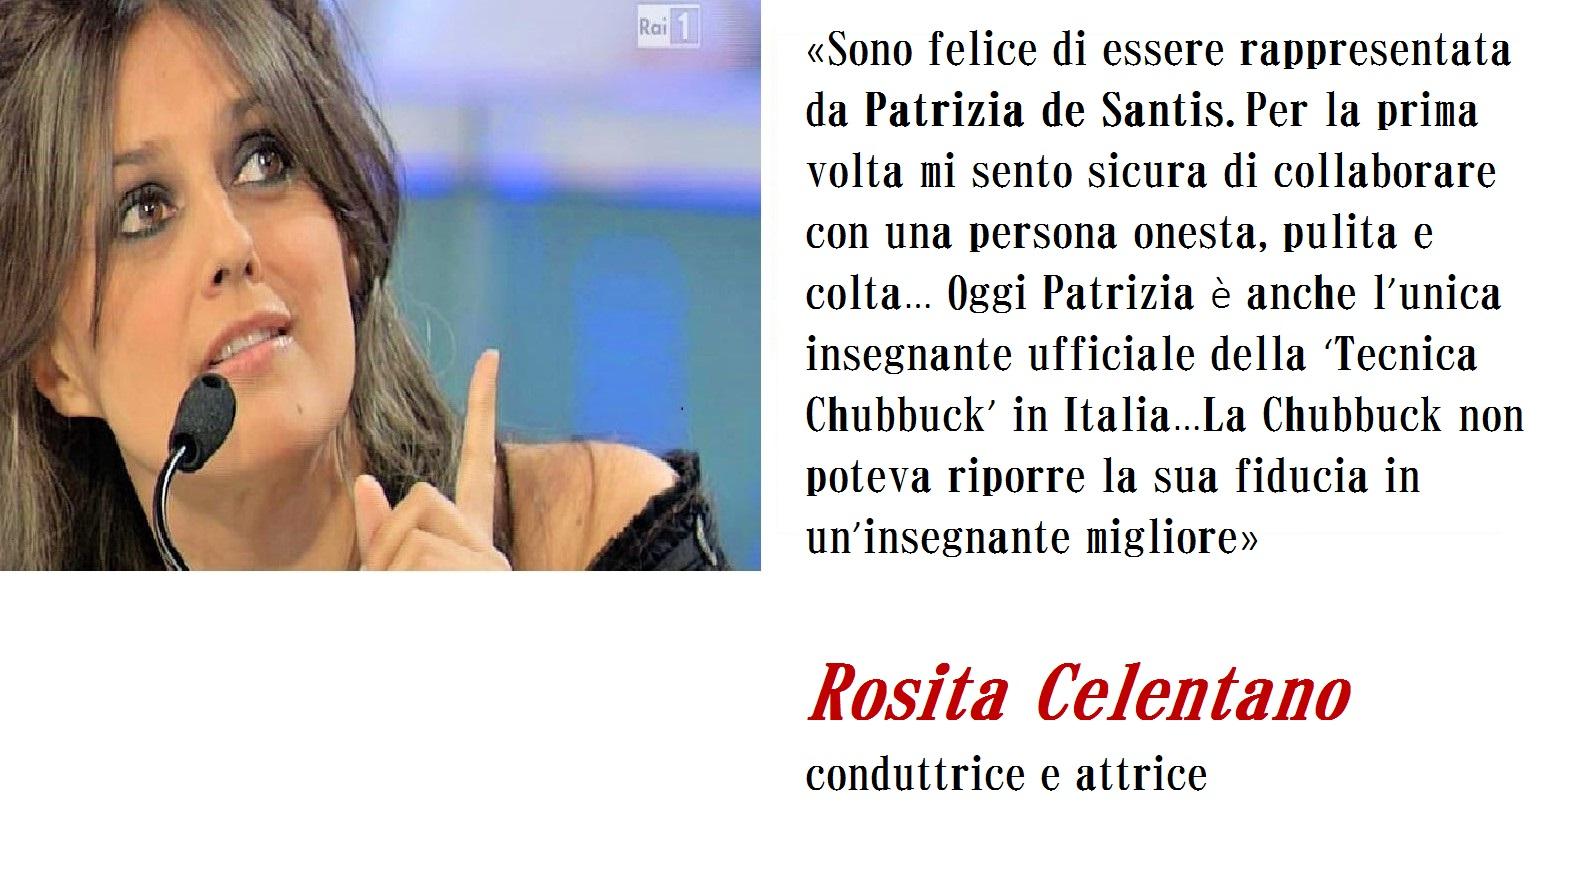 Milano, 05.09.14